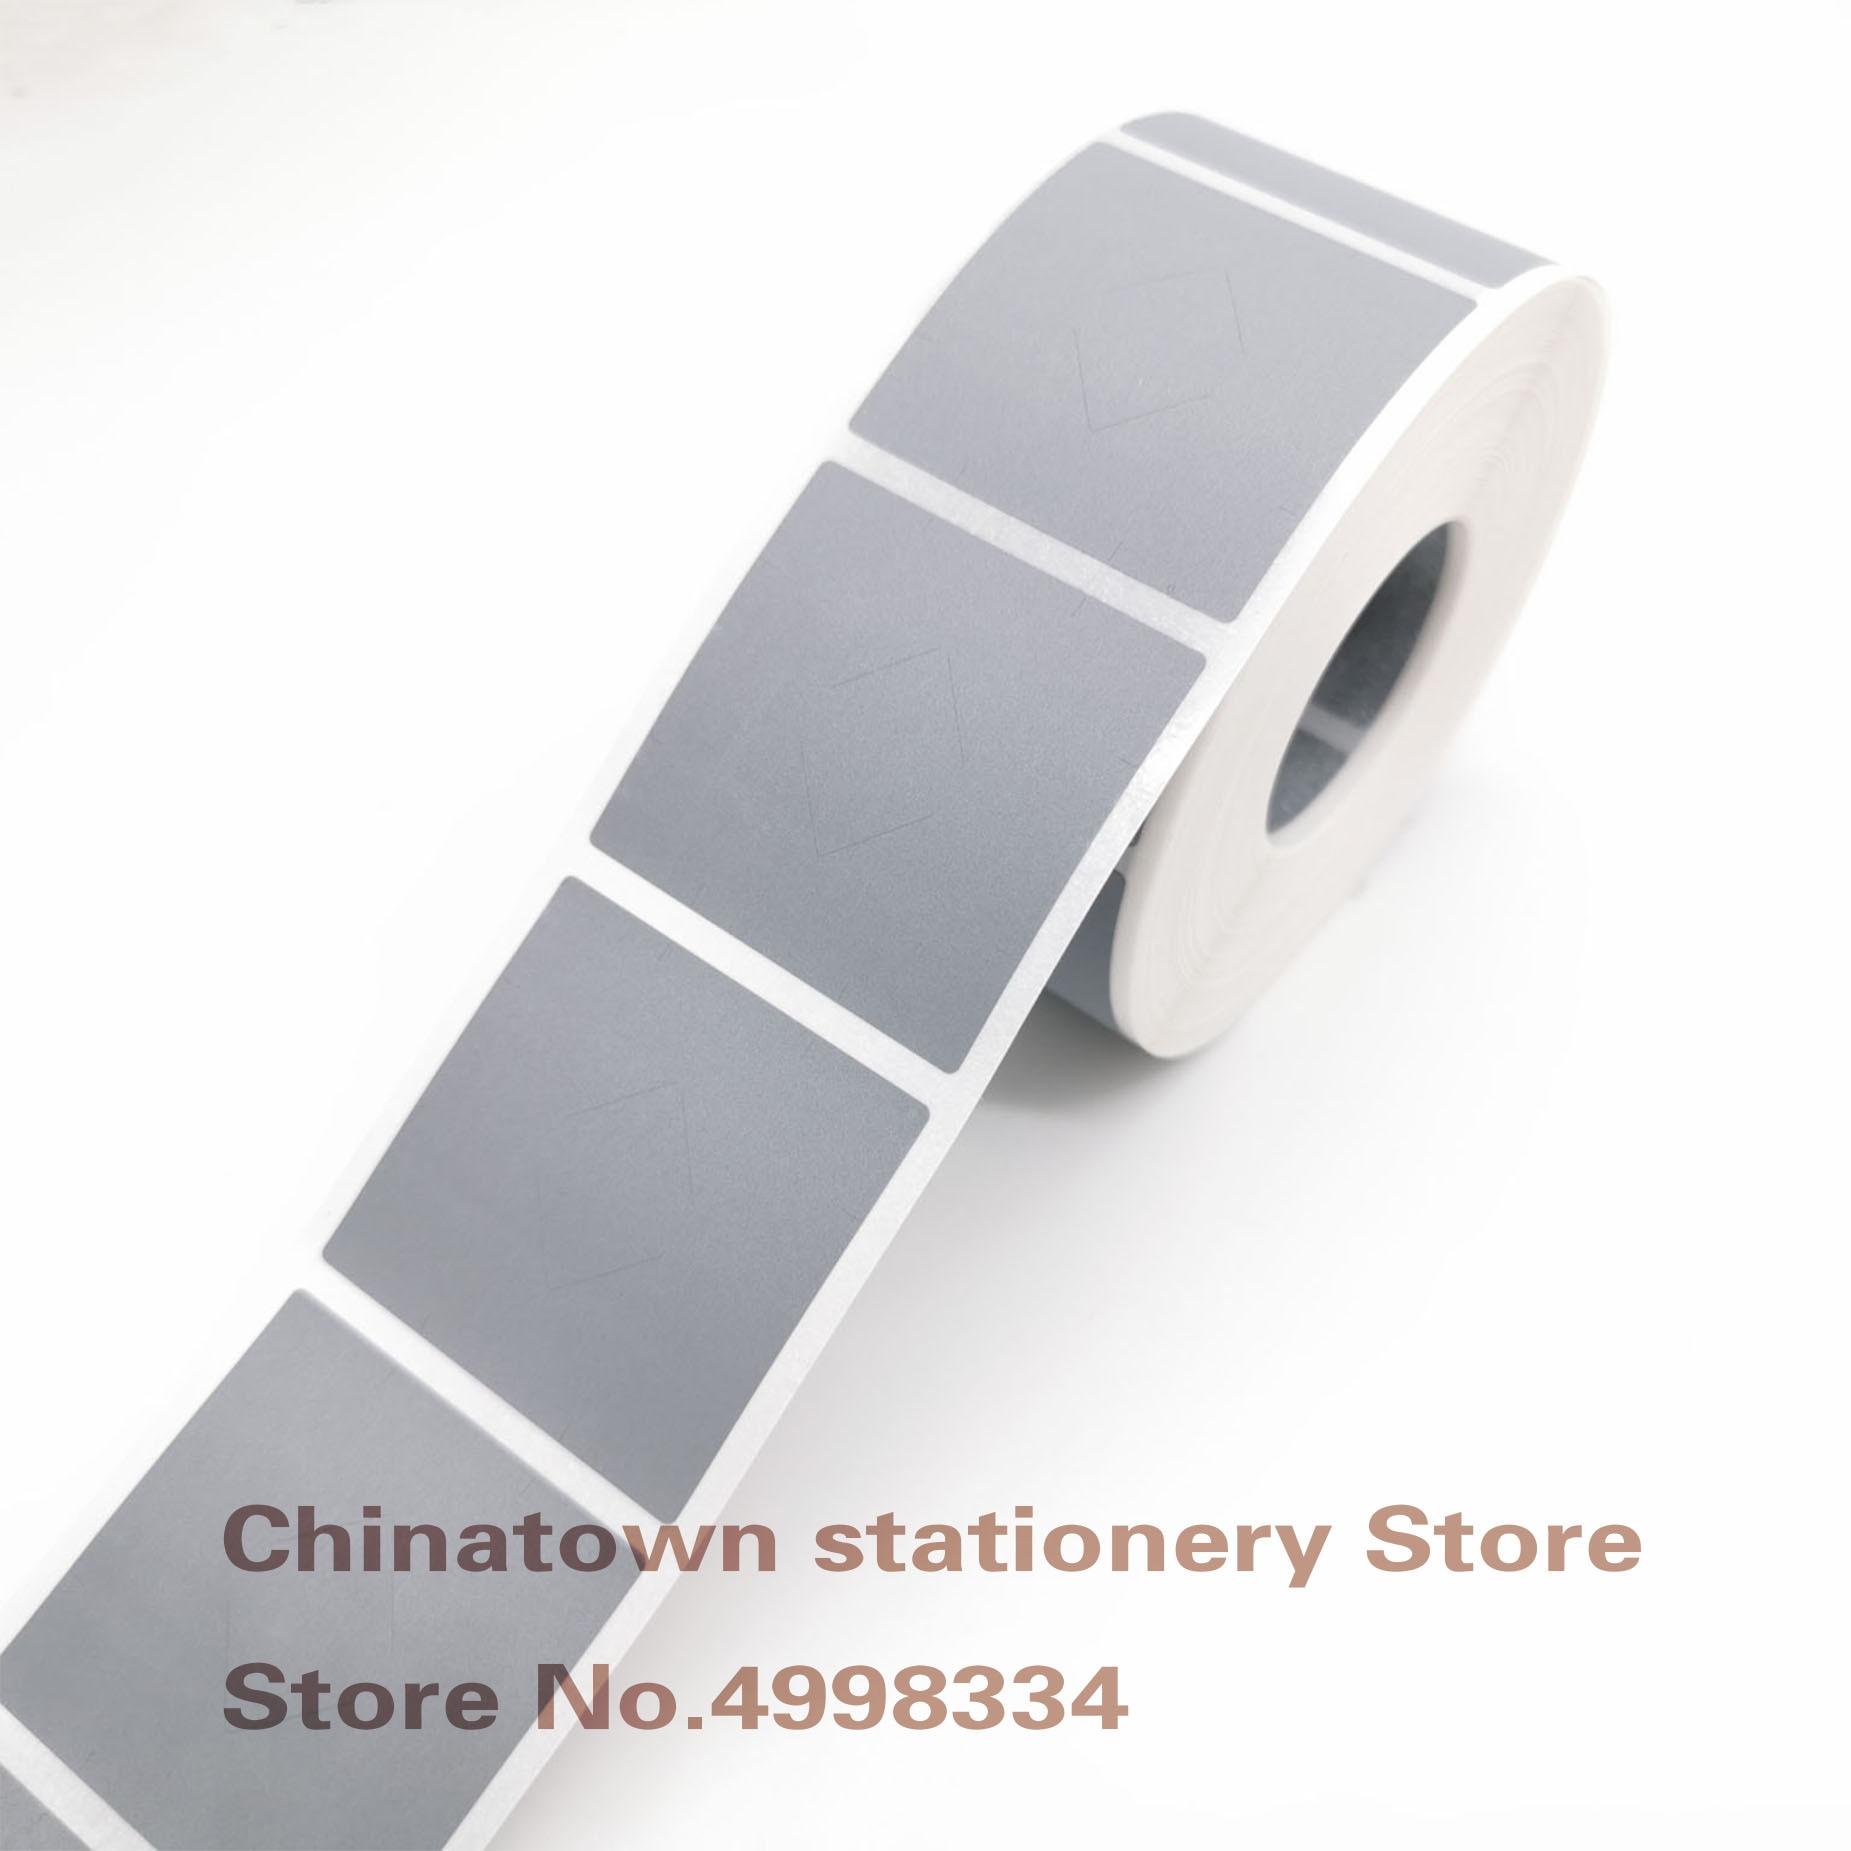 pegatina-rascadora-de-40x40mm-pegatinas-de-juego-de-boda-color-gris-plateado-cuadricoptero-en-blanco-para-cubierta-de-postales-mensaje-de-papeleria-50-uds